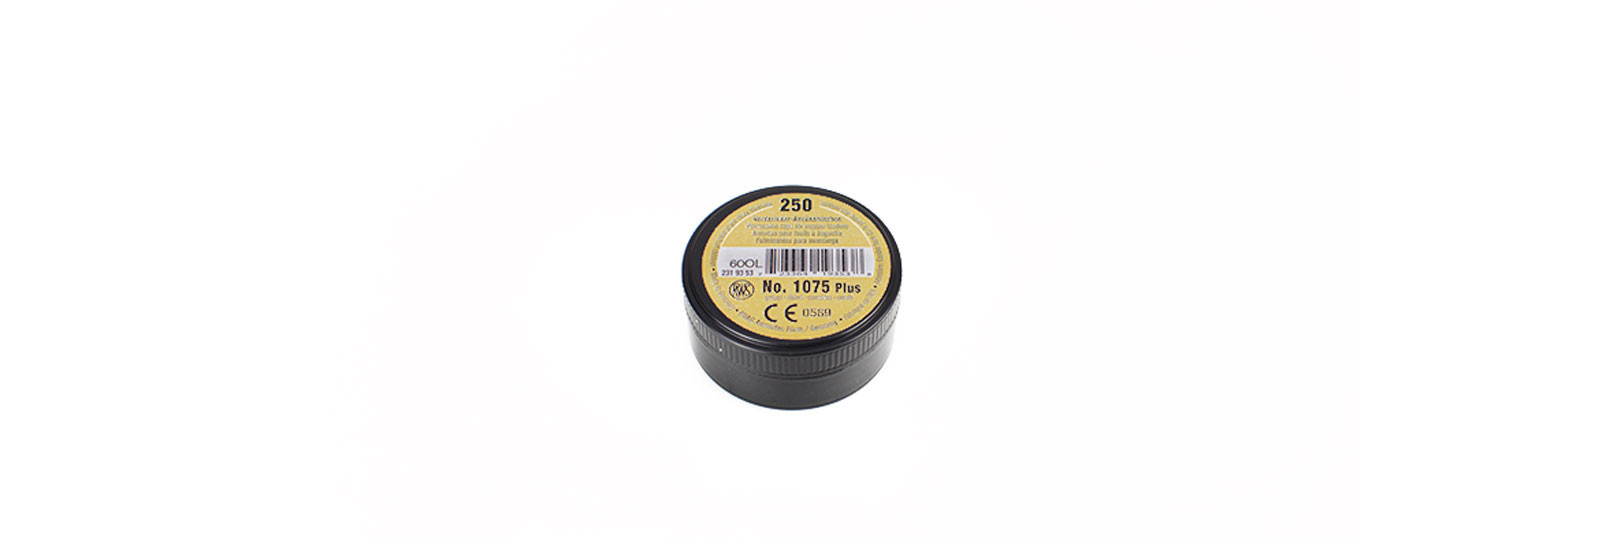 Confezione 250 capsule rws plus